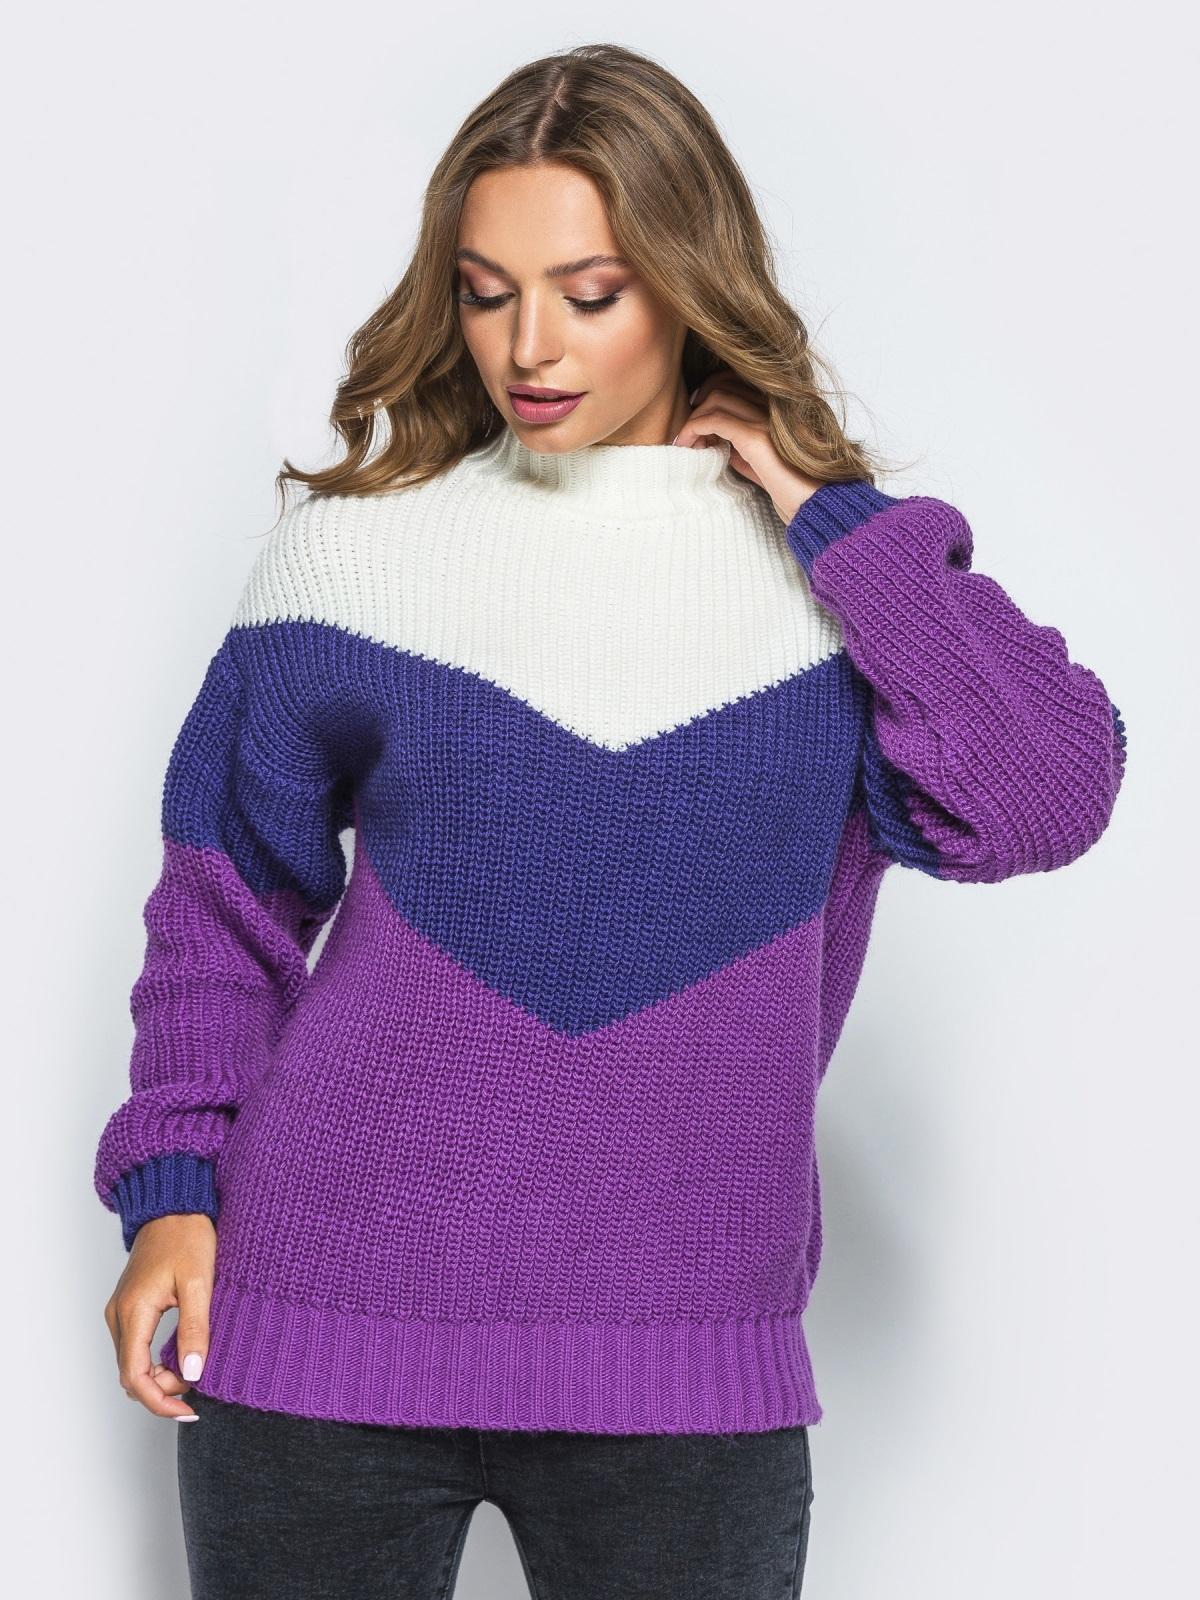 Вязаный свитер oversize с сиренево-синими полосами - 15979, фото 1 – интернет-магазин Dressa